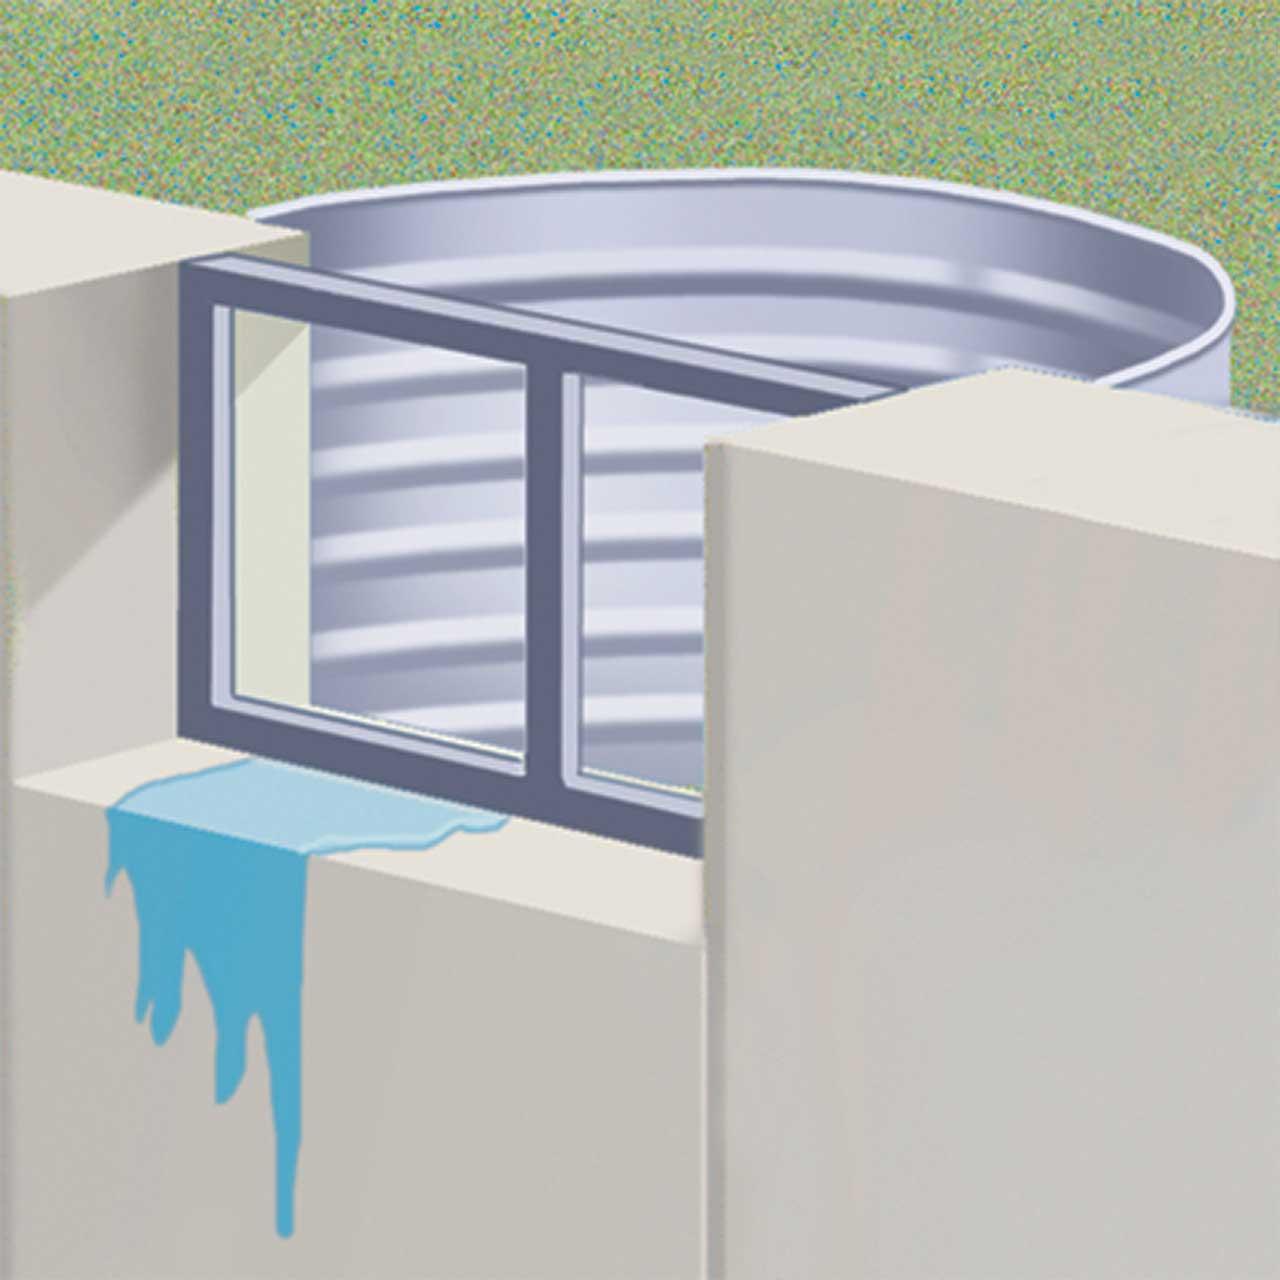 Basement Window Wells - Water In Window Well